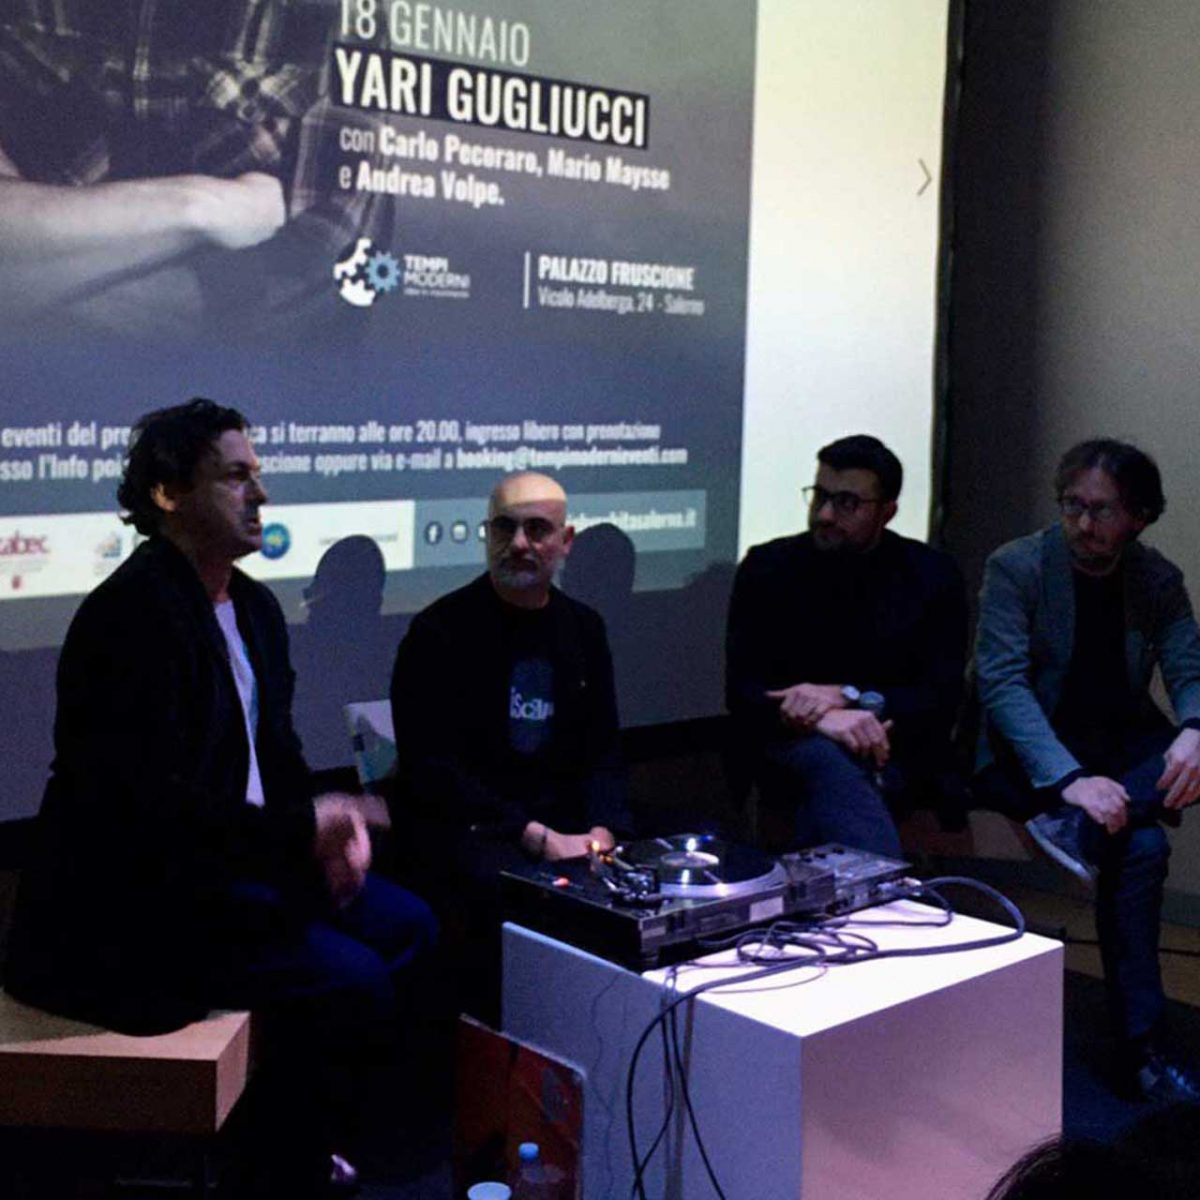 Yary Gugliucci, con Carlo Pecoraro, Mario Maysse e Andrea Volpe